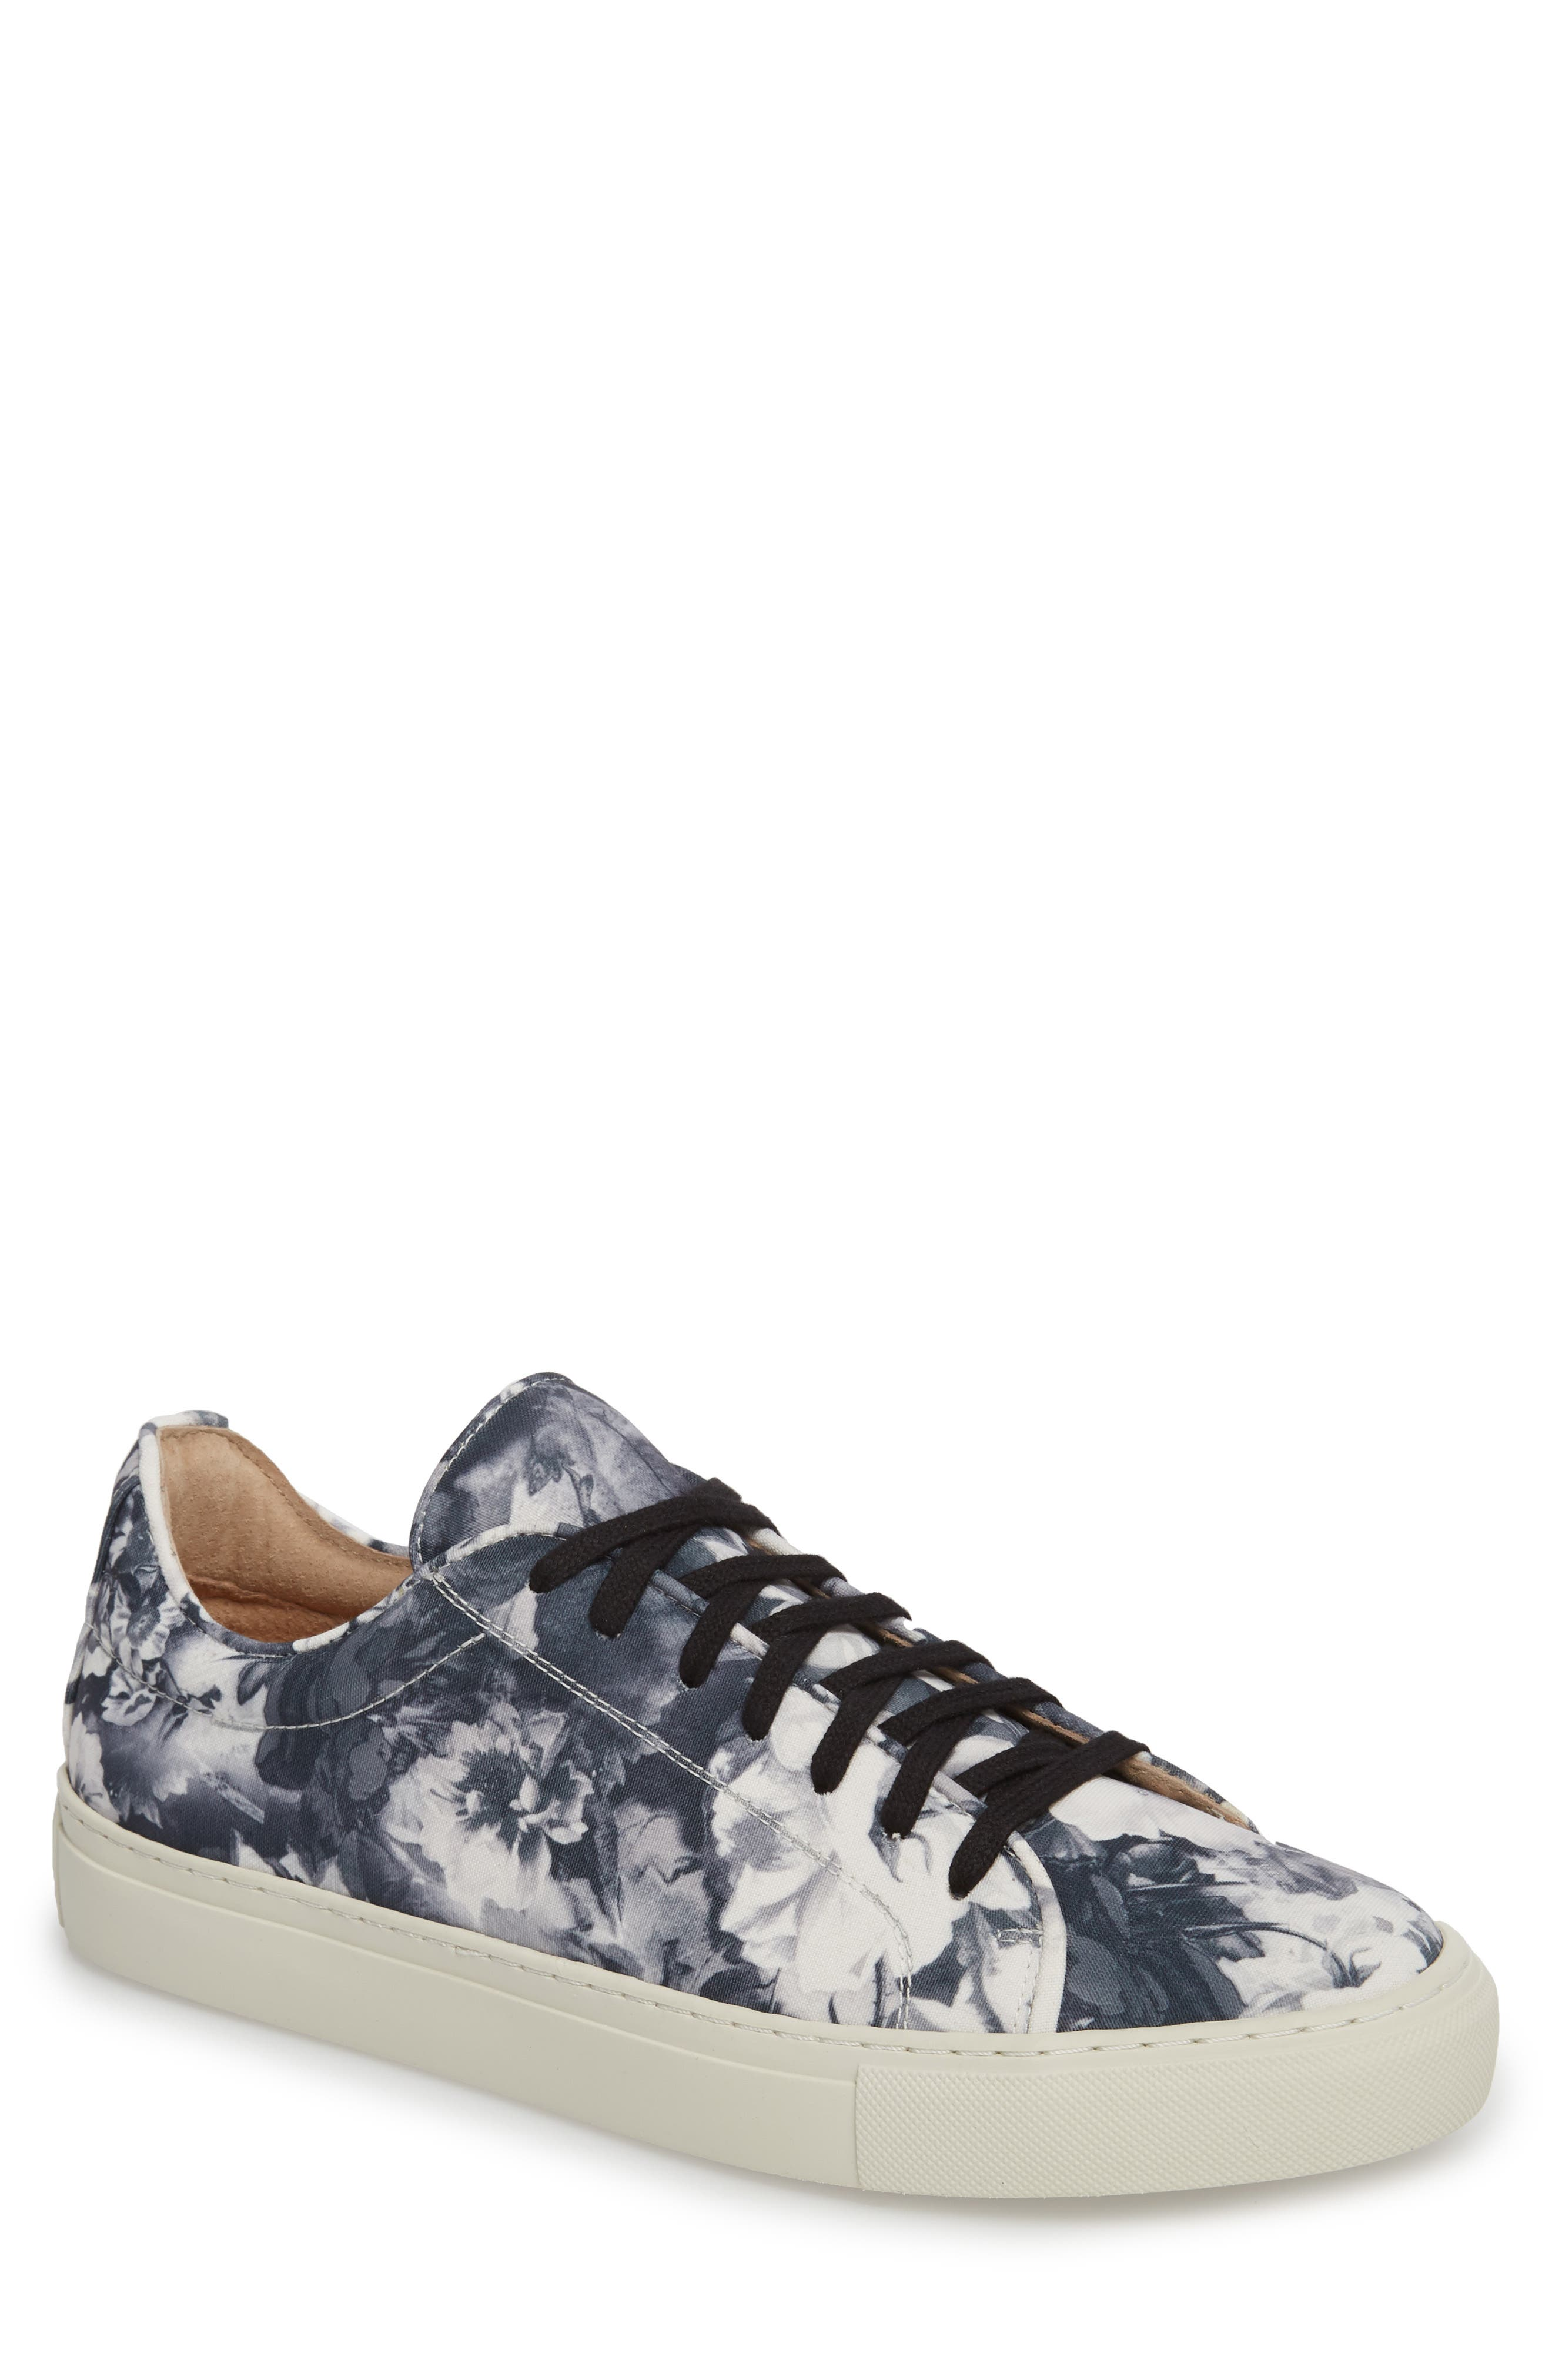 Mason Print Low Top Sneaker,                         Main,                         color, 005